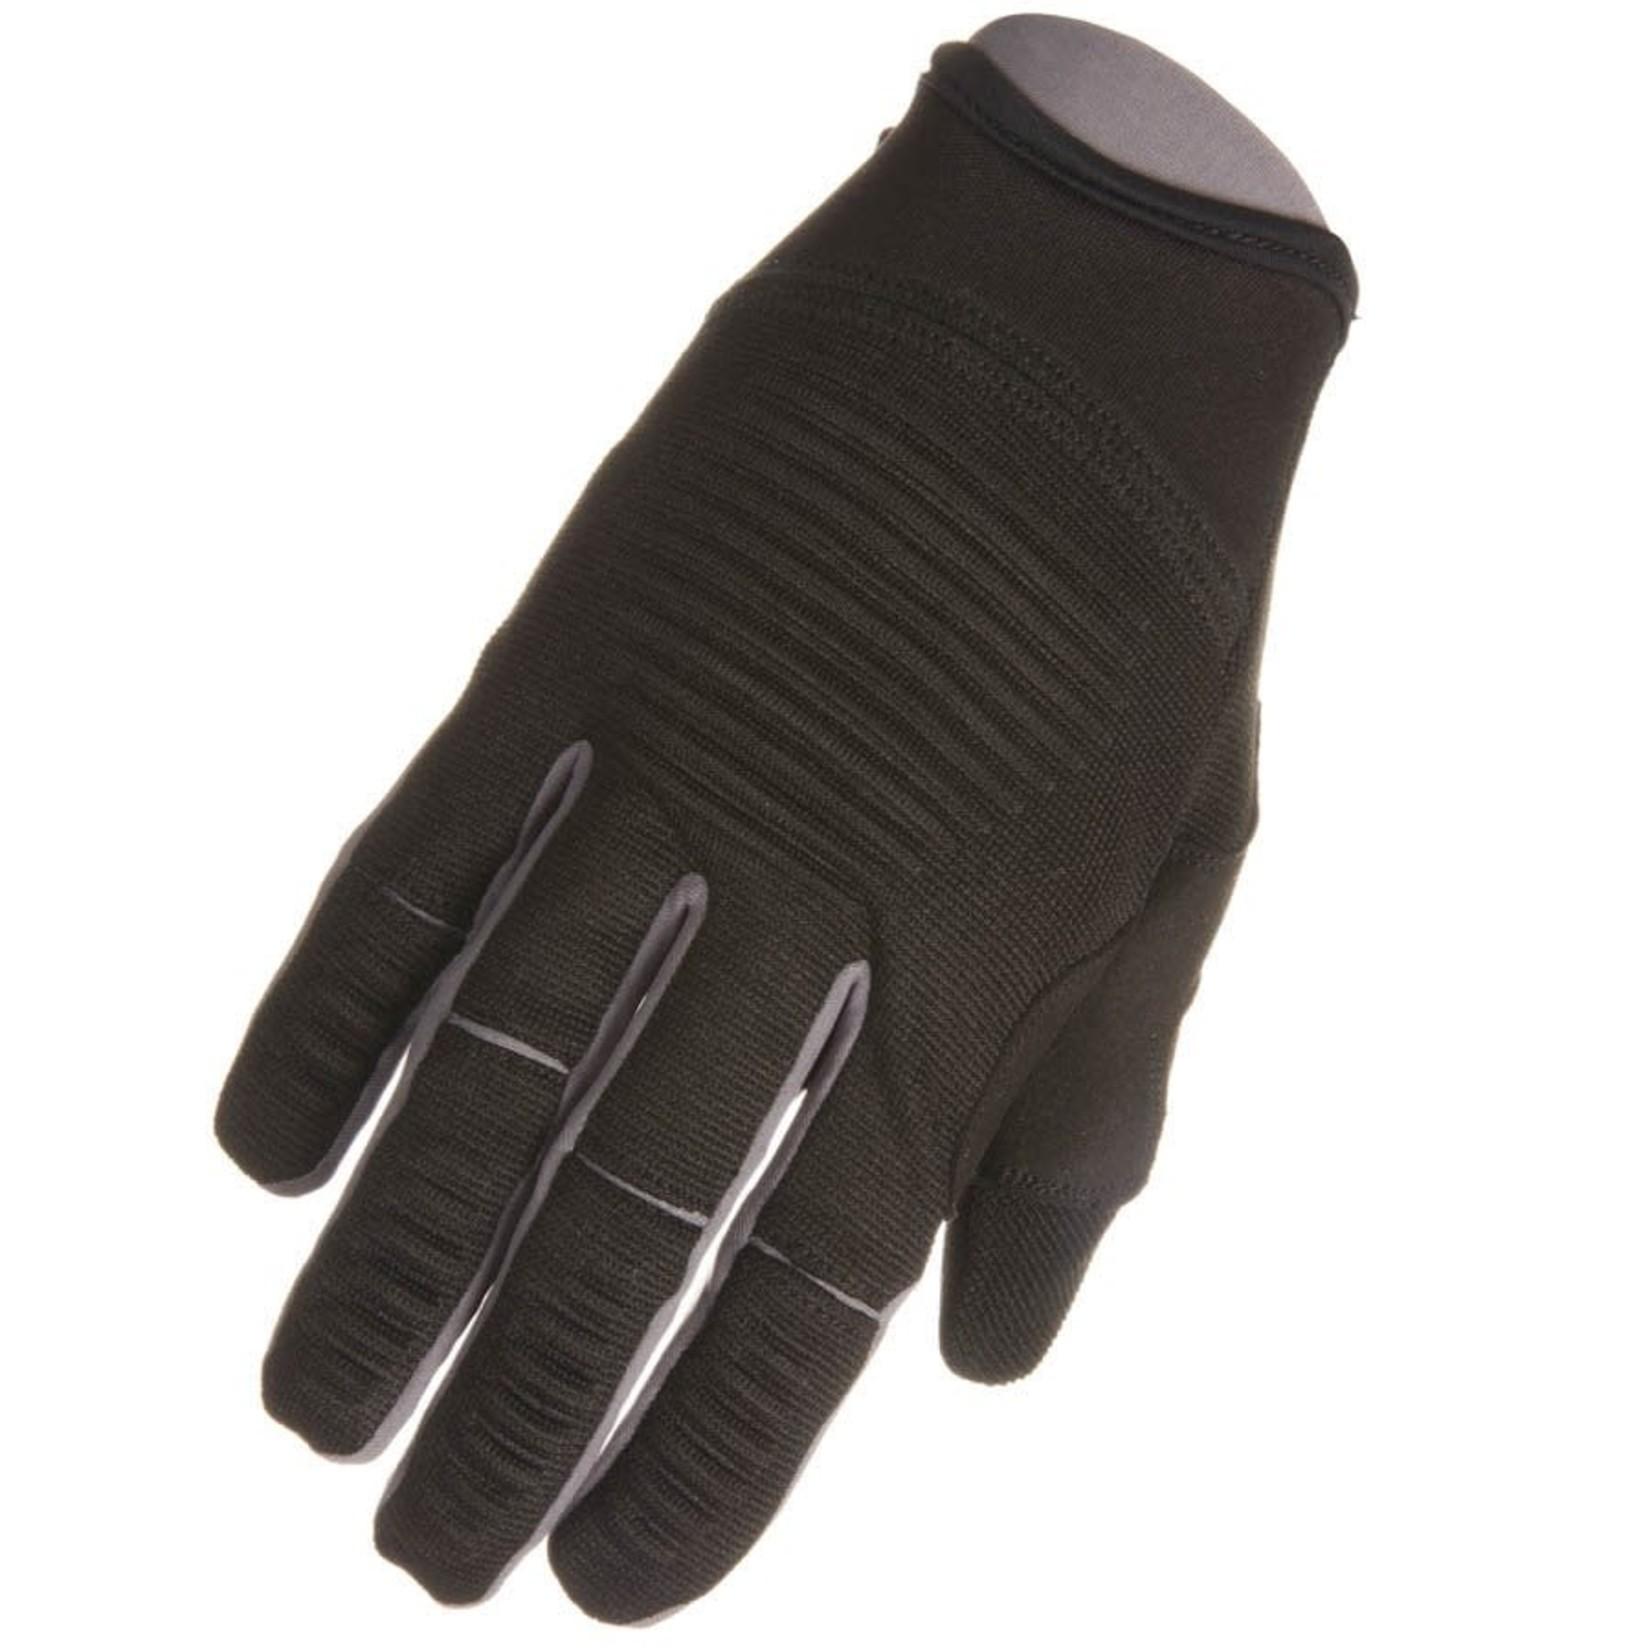 EVO EVO, Palmer Pro Trail, Full Finger Gloves, Unisex, L, Pair